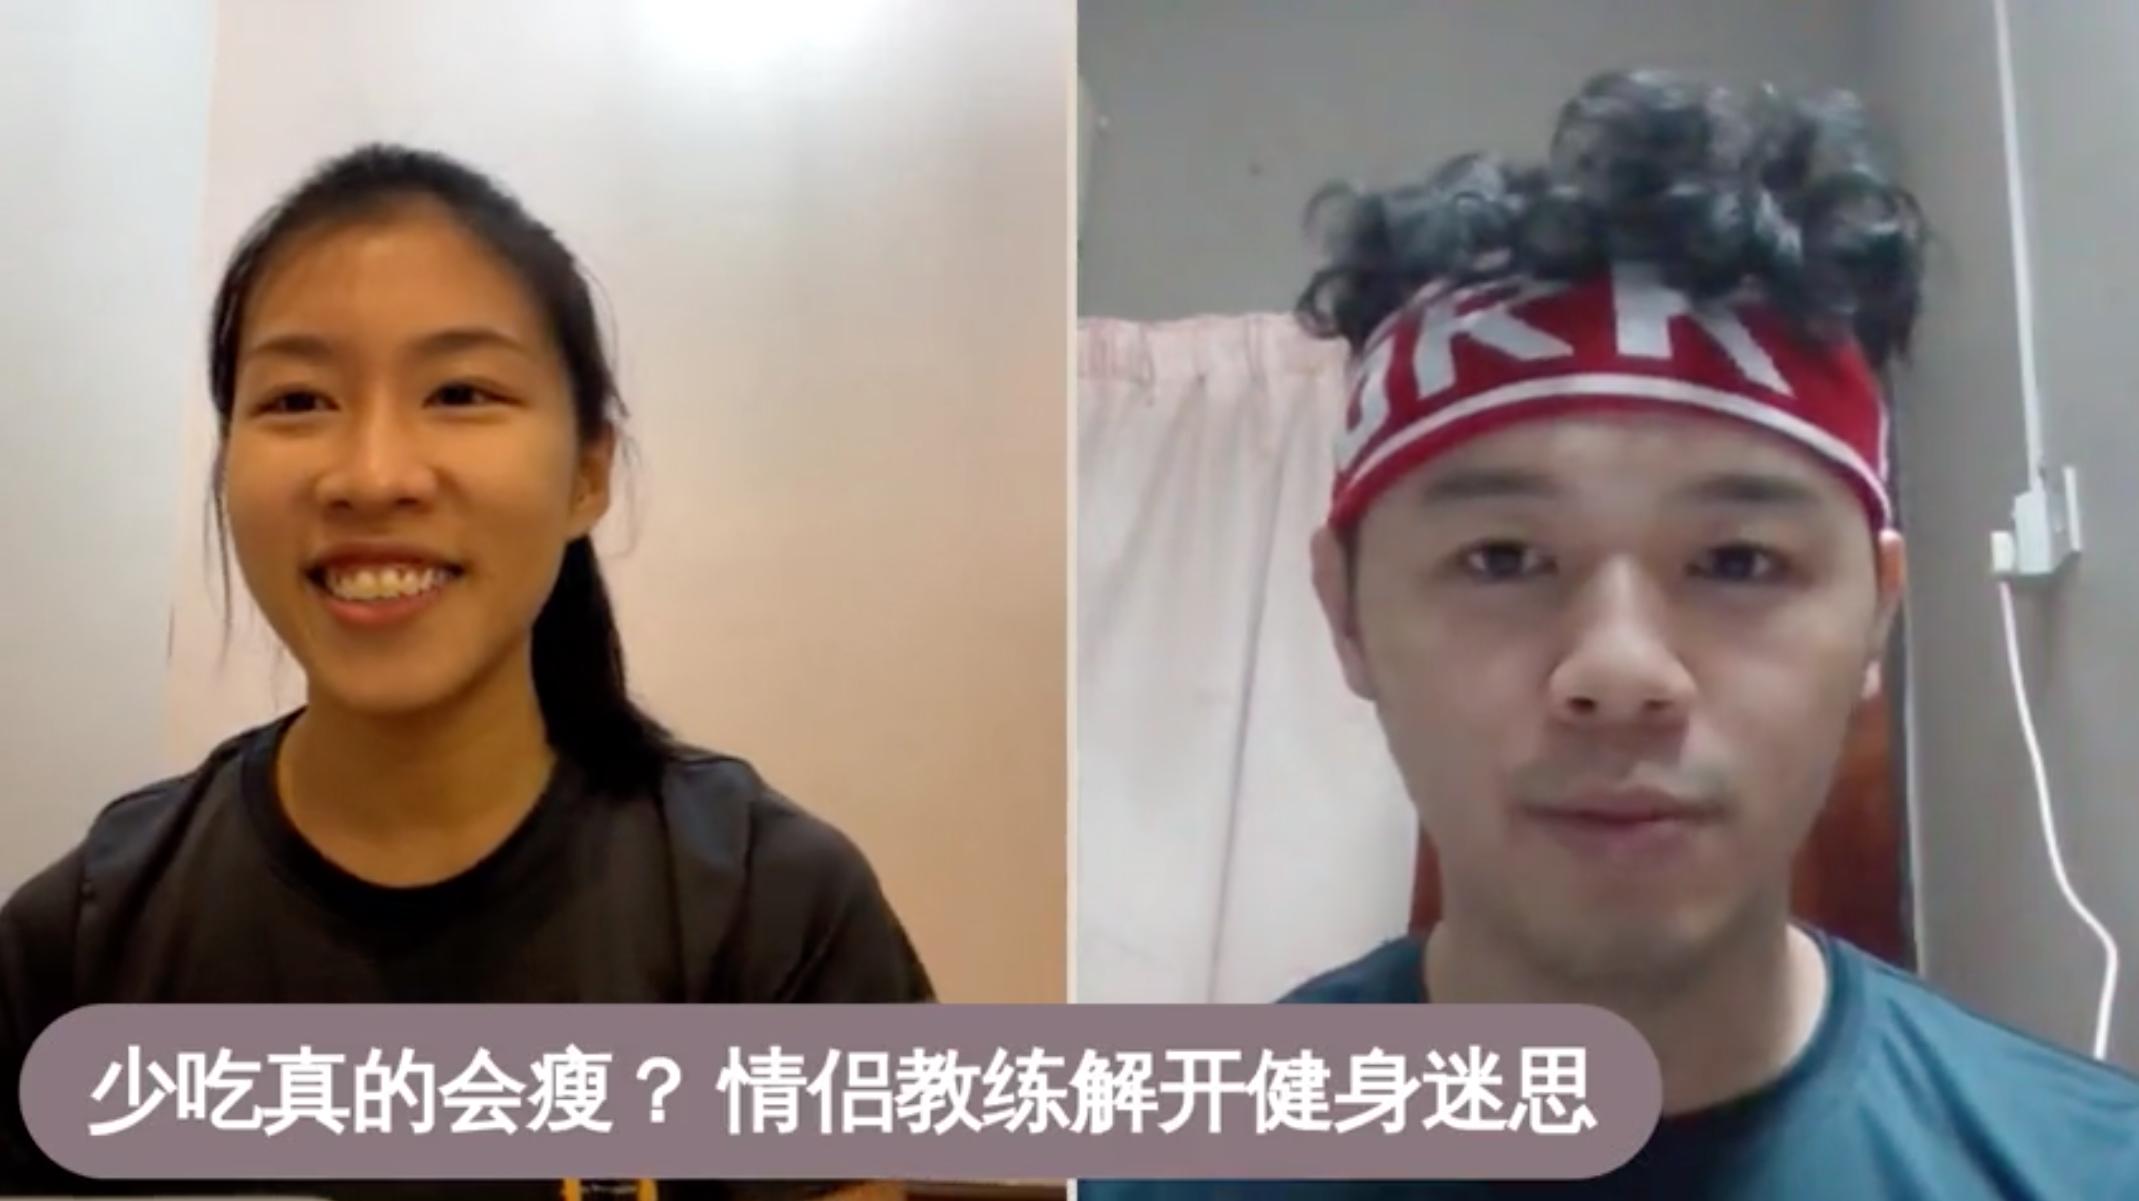 赖文艺(左)和吴家伟与读者一起探讨各种运动健身的迷思。-截图自《精彩生活LIVE》直播-